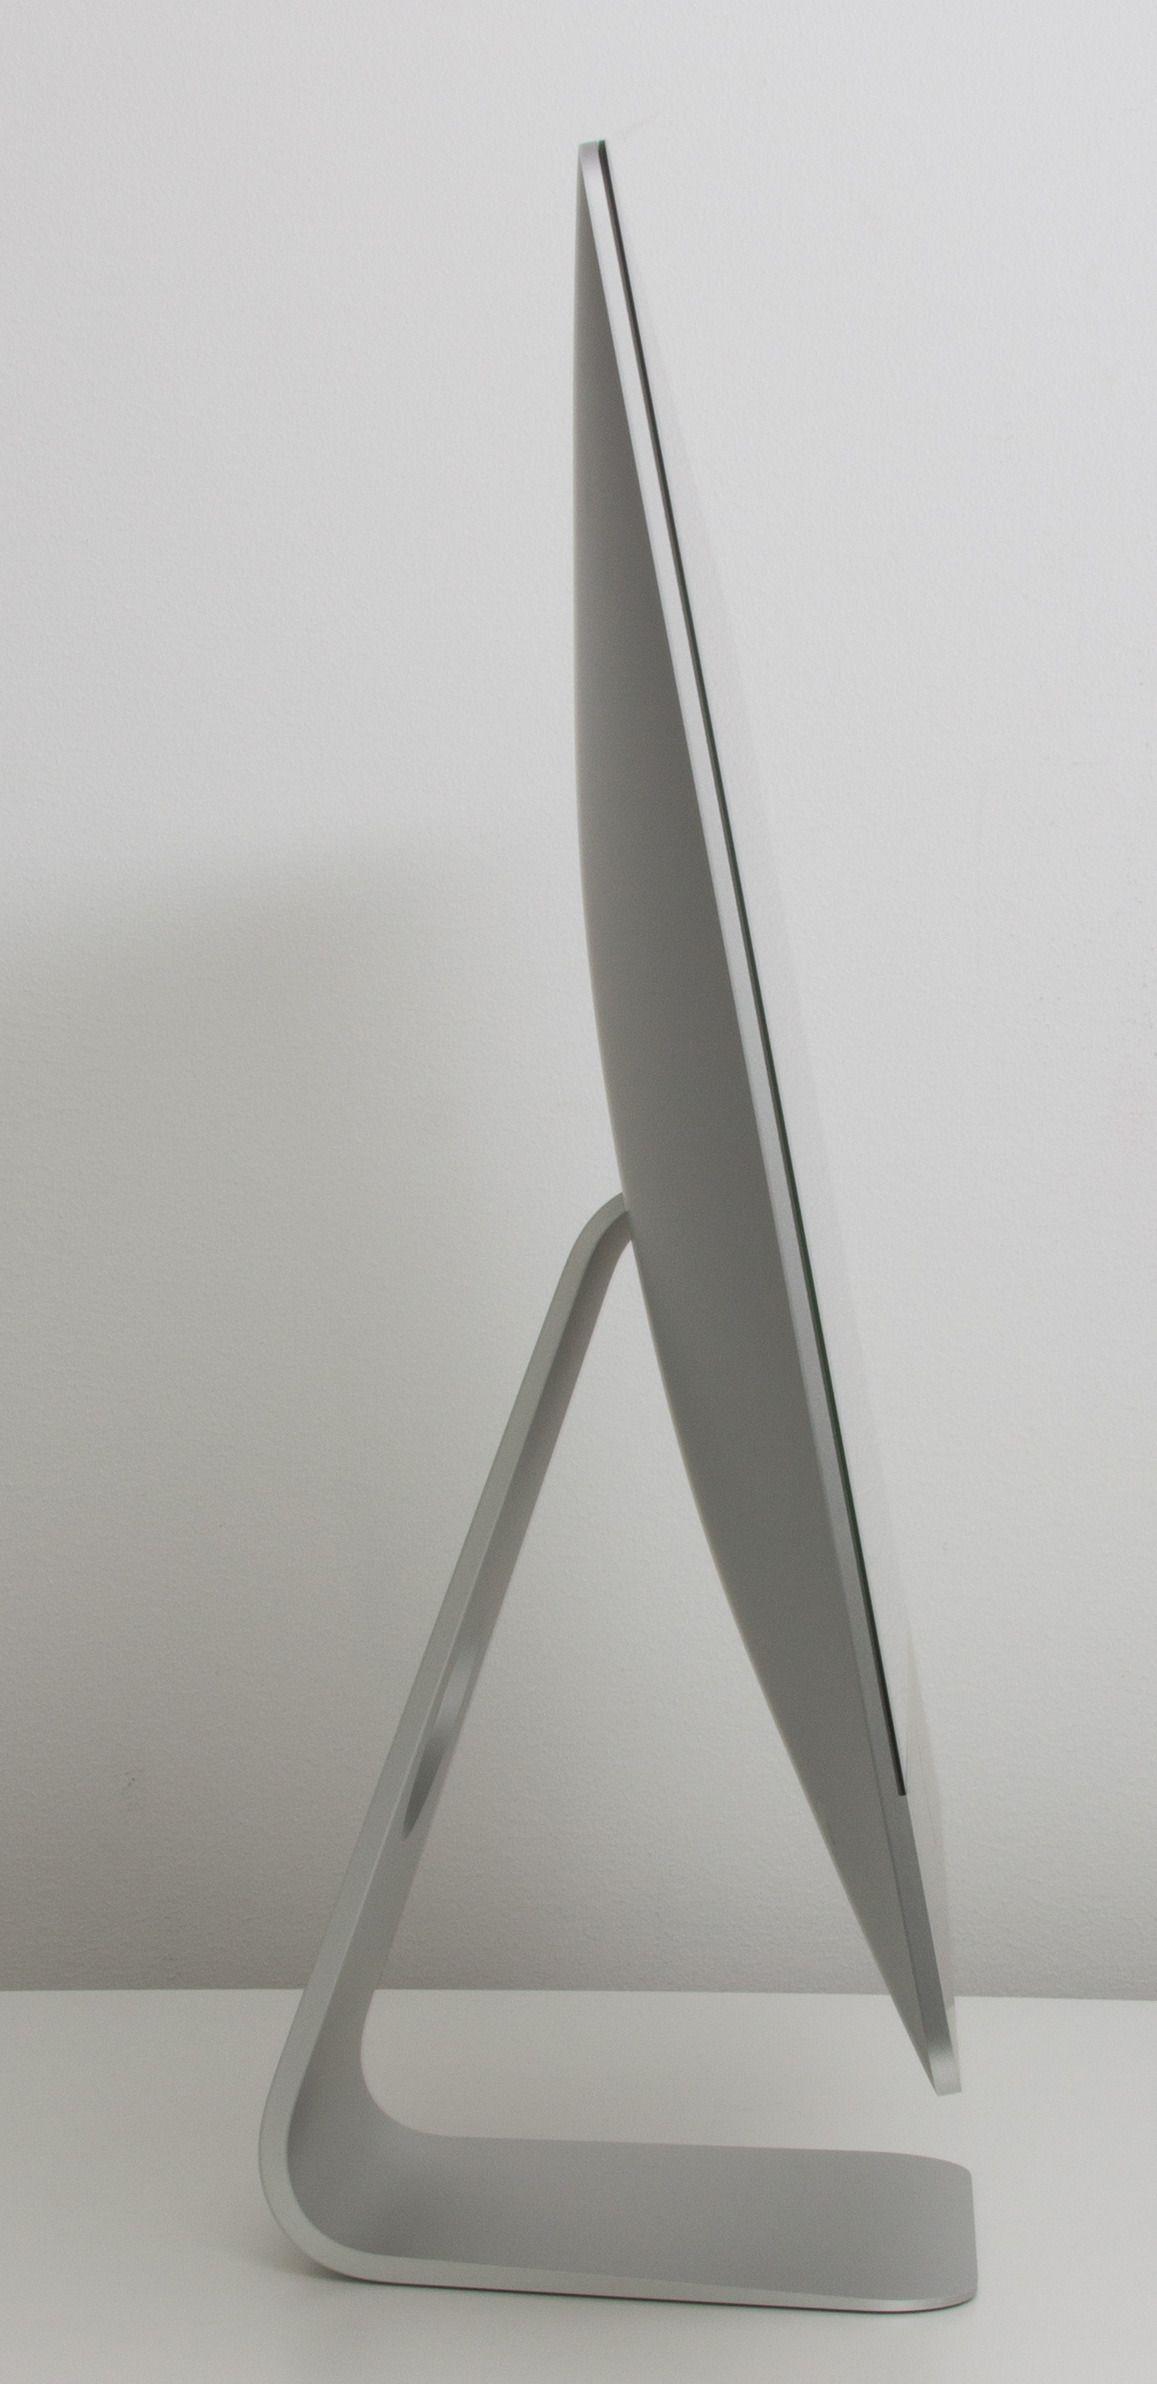 I profil se vi hvordan iMac blir tykkere mot midten.Foto: Anders Brattensborg Smedsrud, Hardware.no